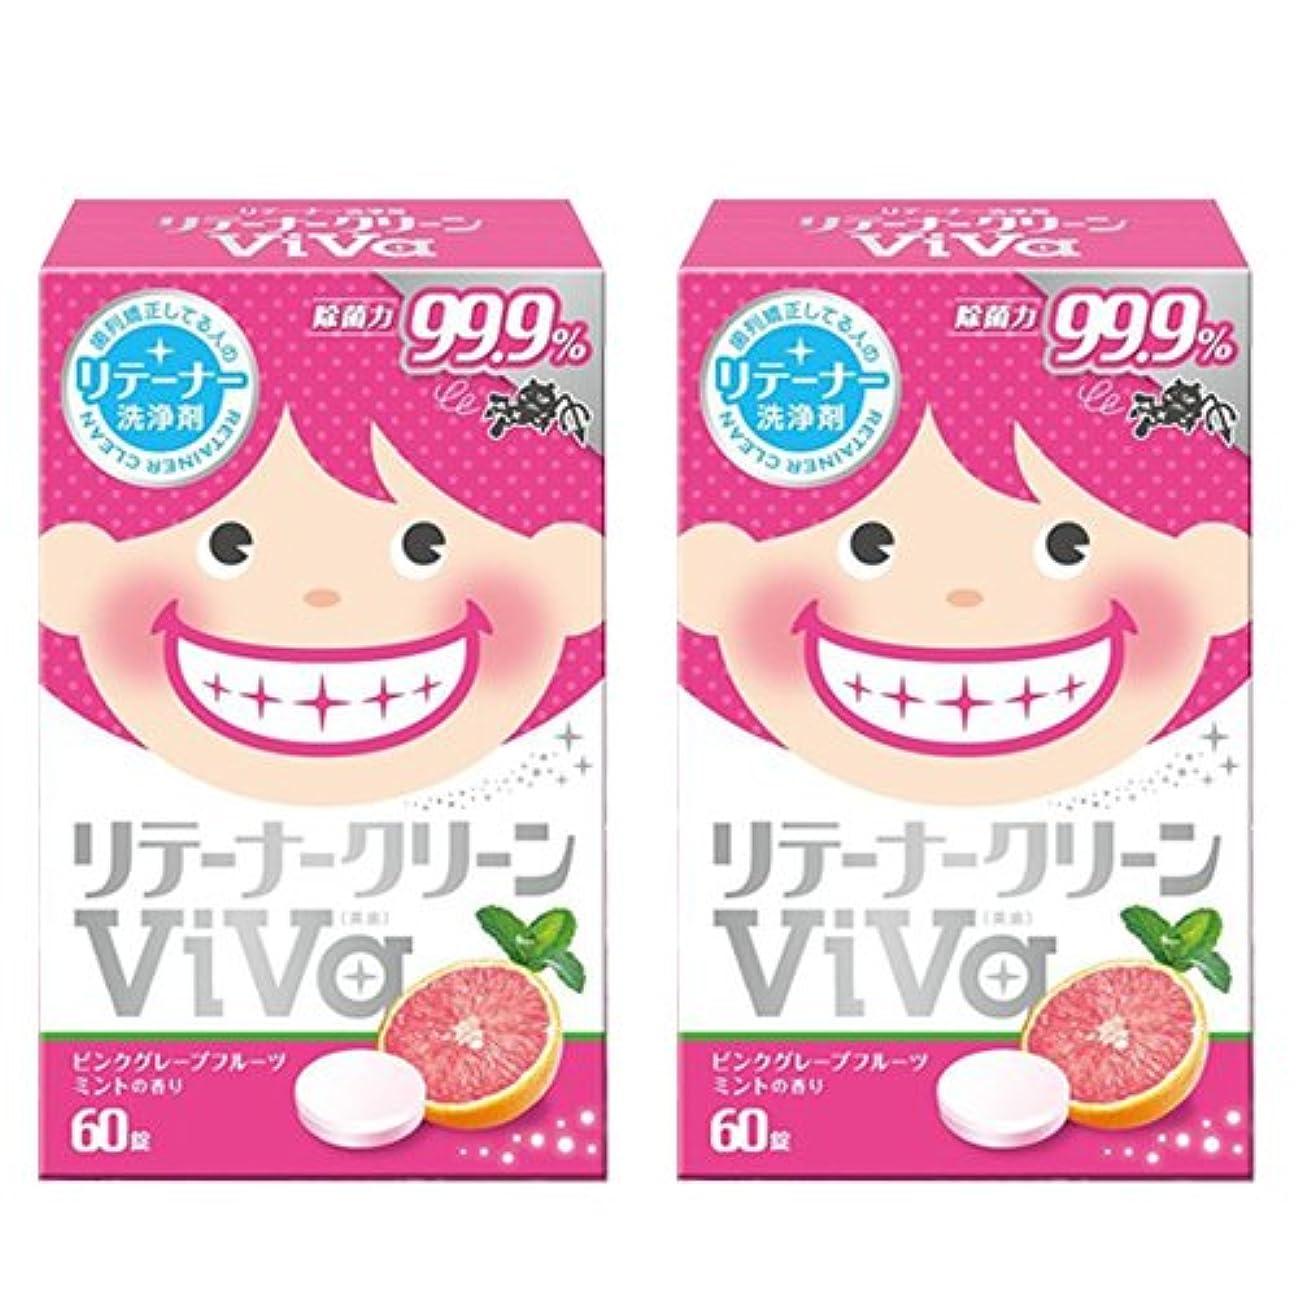 運命的な泥沼楽しむリテーナークリーン ViVa 60錠 歯列矯正している人のリテーナー洗浄剤 (2箱)